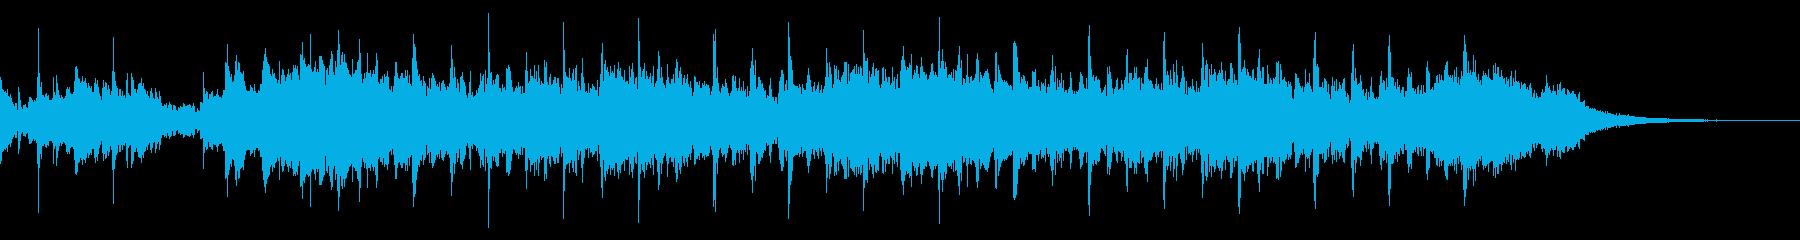 洋楽ポップス1(30秒 SNS)の再生済みの波形